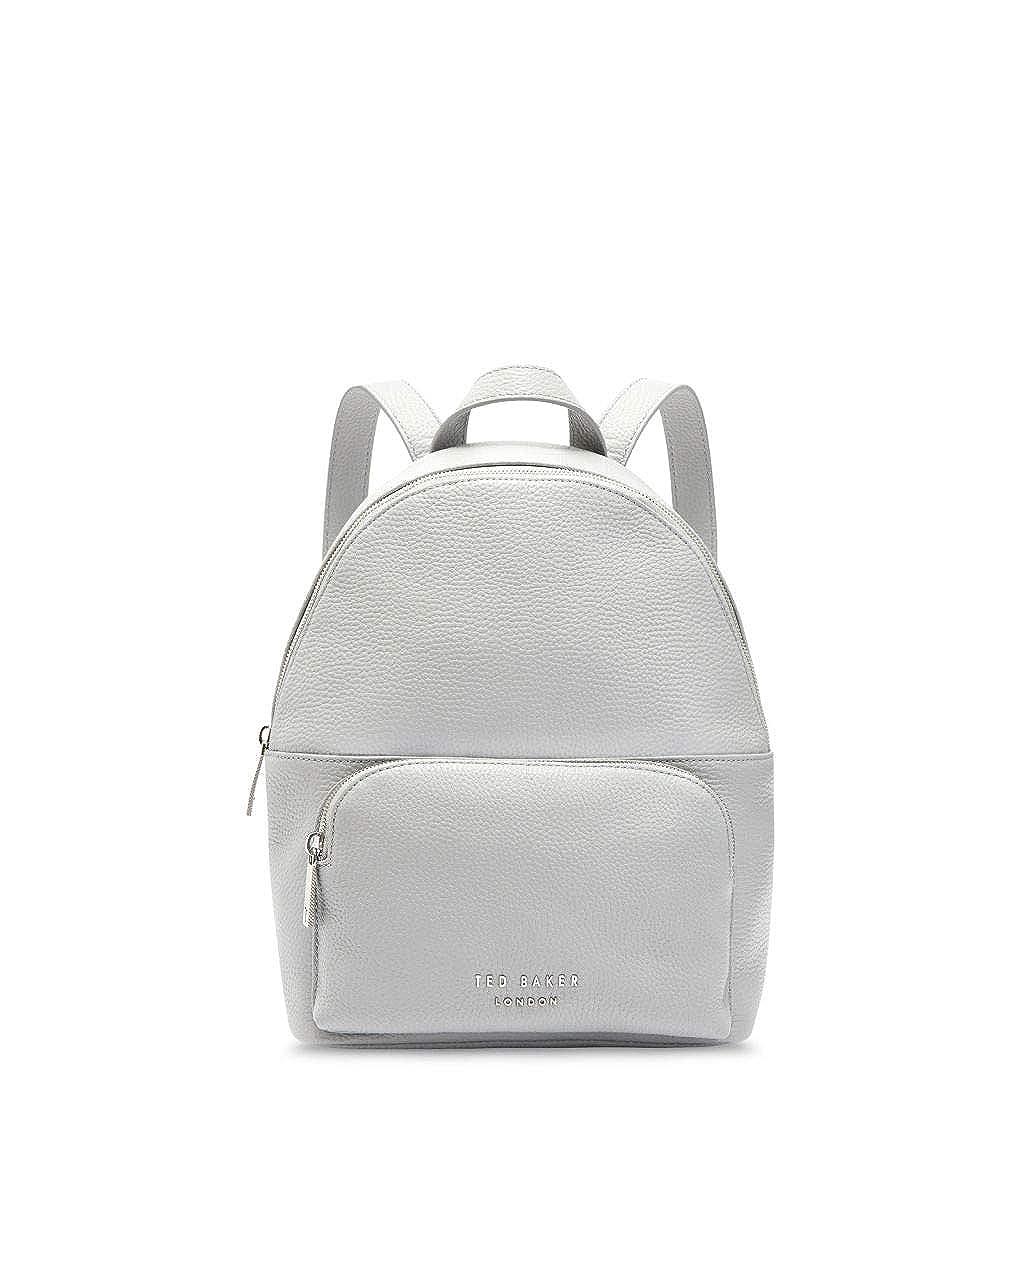 (テッドベーカー) TED BAKER LONDON PALOYA Soft leather backpack レディース バッグ バックパック (並行輸入品) One Size ライトグレー B07PK53CHT